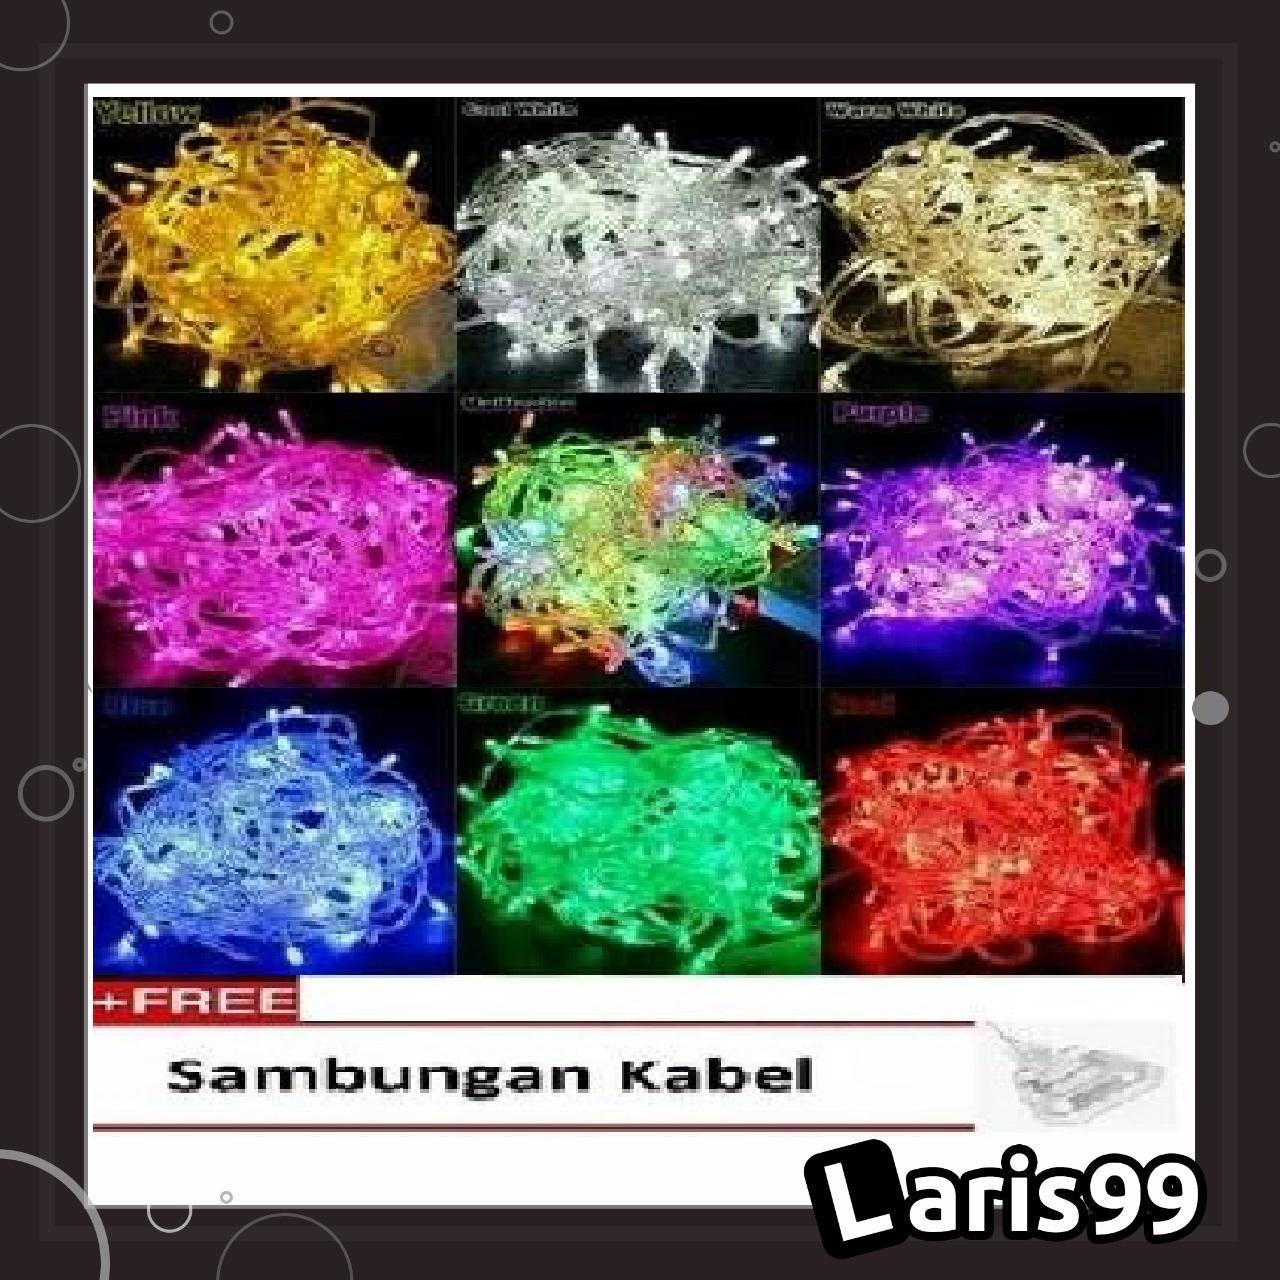 Laris99 Lar Lampu Tumblr 10 Meter / Lampu Led / Lampu Natal / Lampu Dekorasi / Lampu Hias Multicolour By Laris99